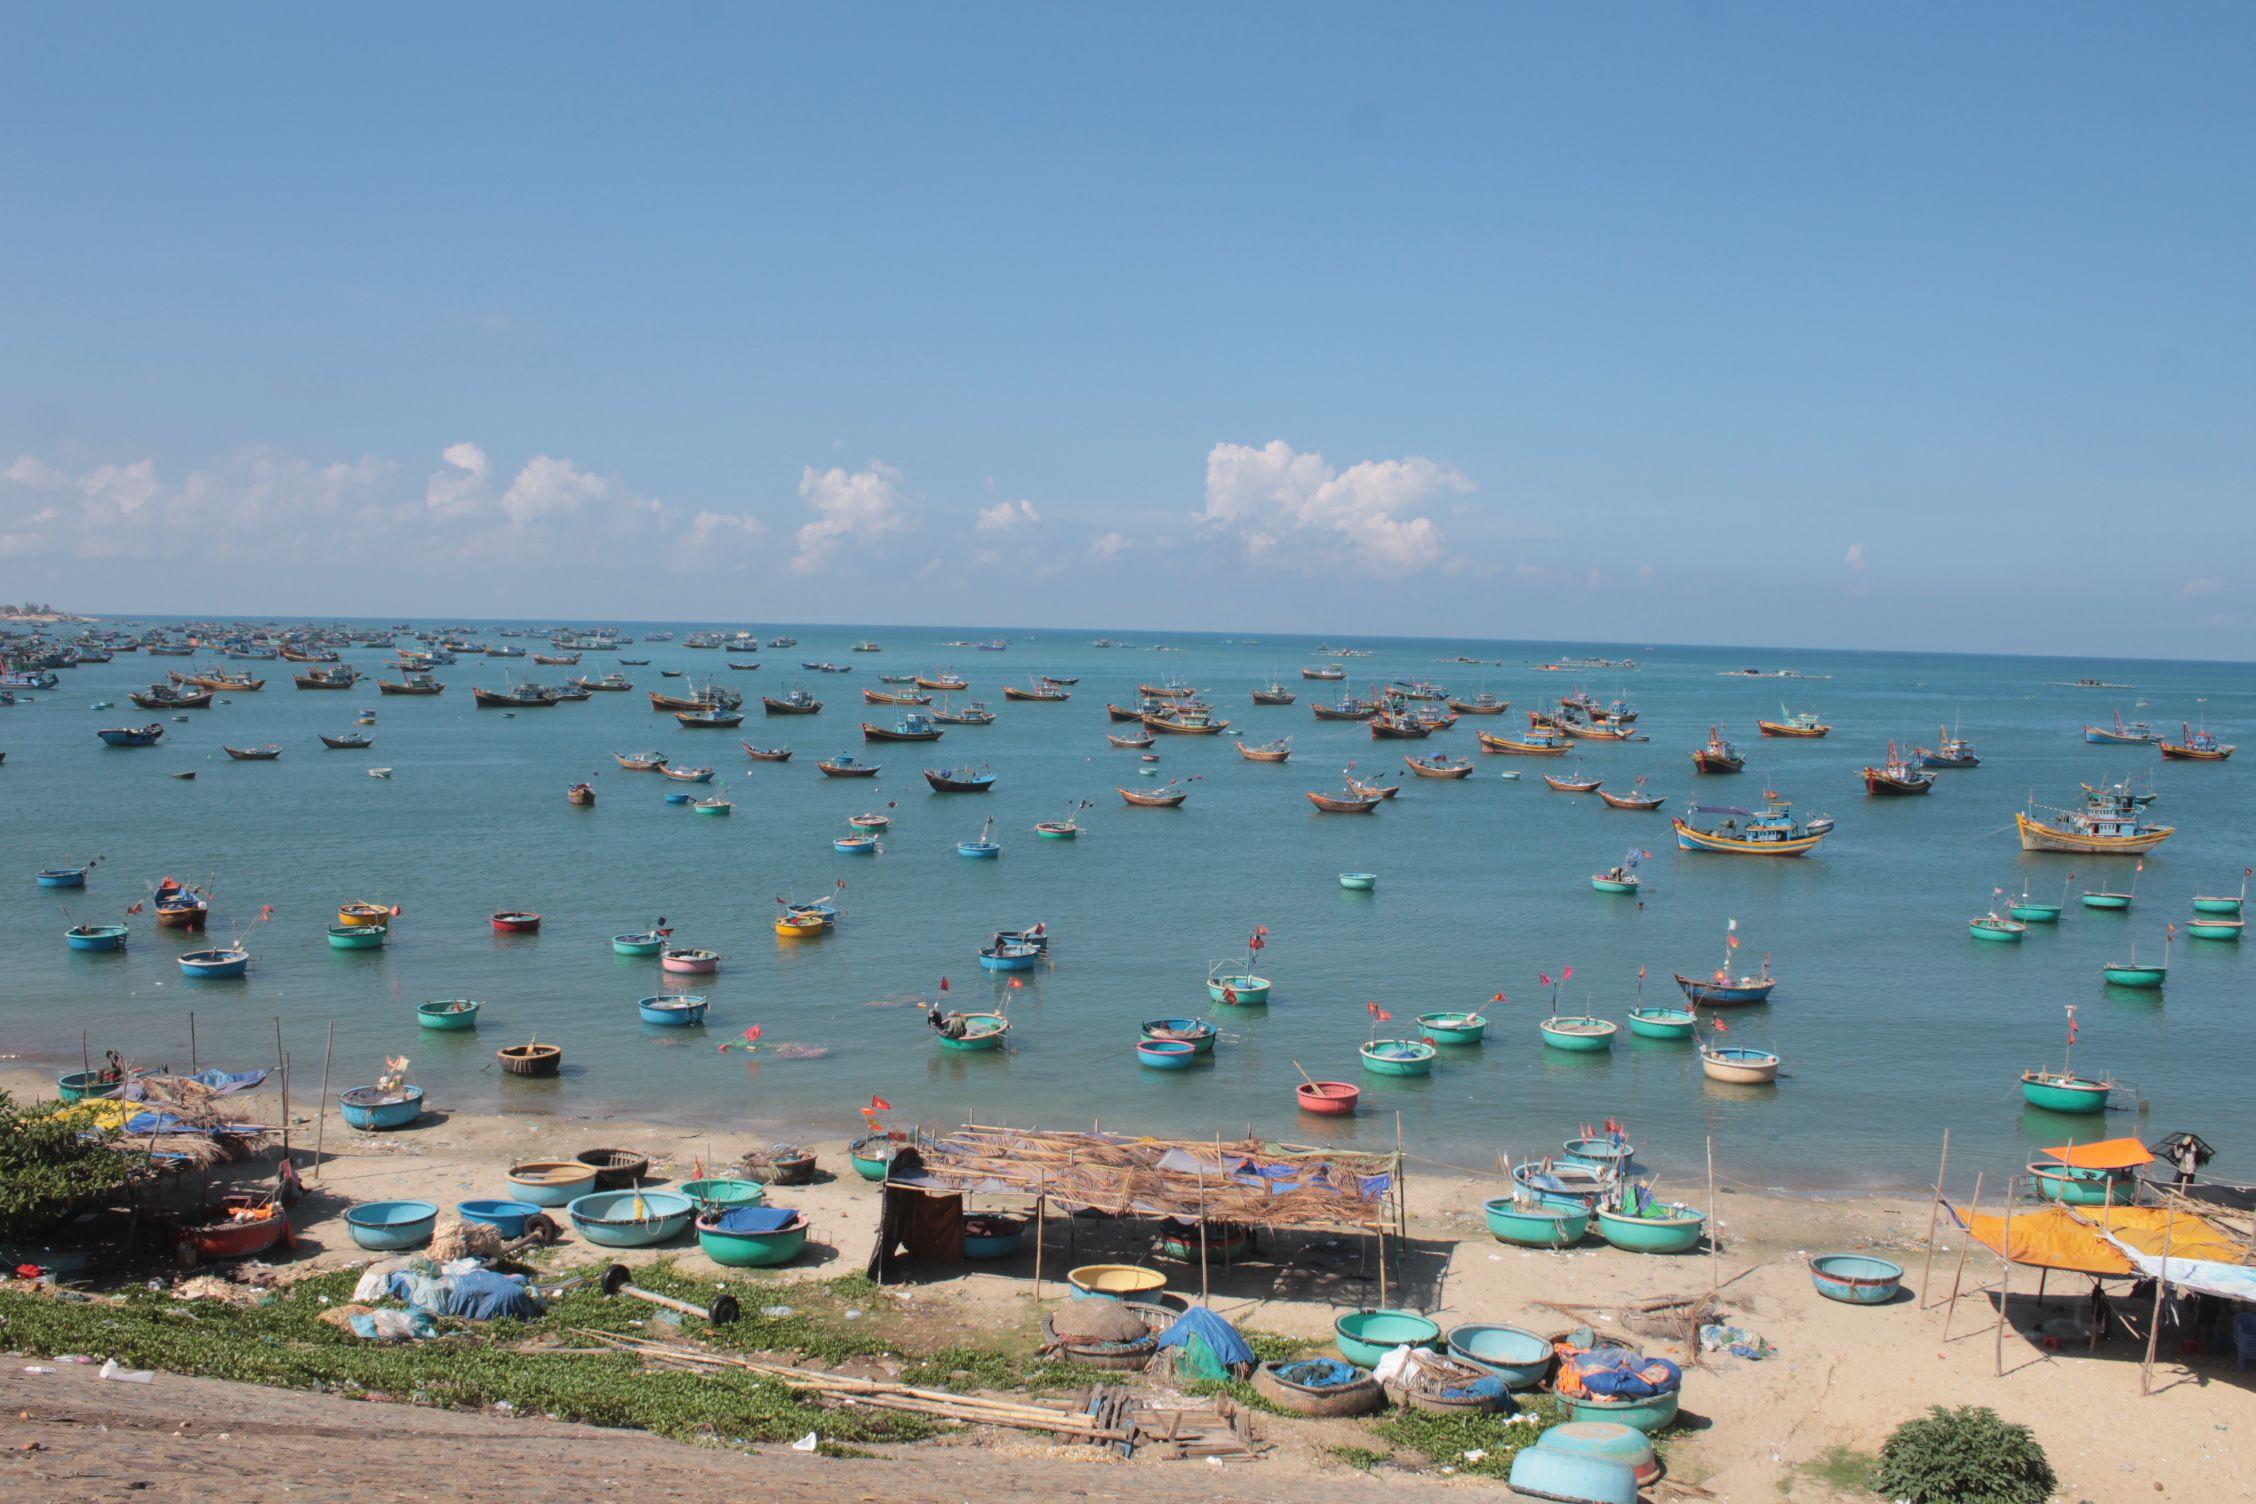 La playa de Mui Ne vista desde lejos